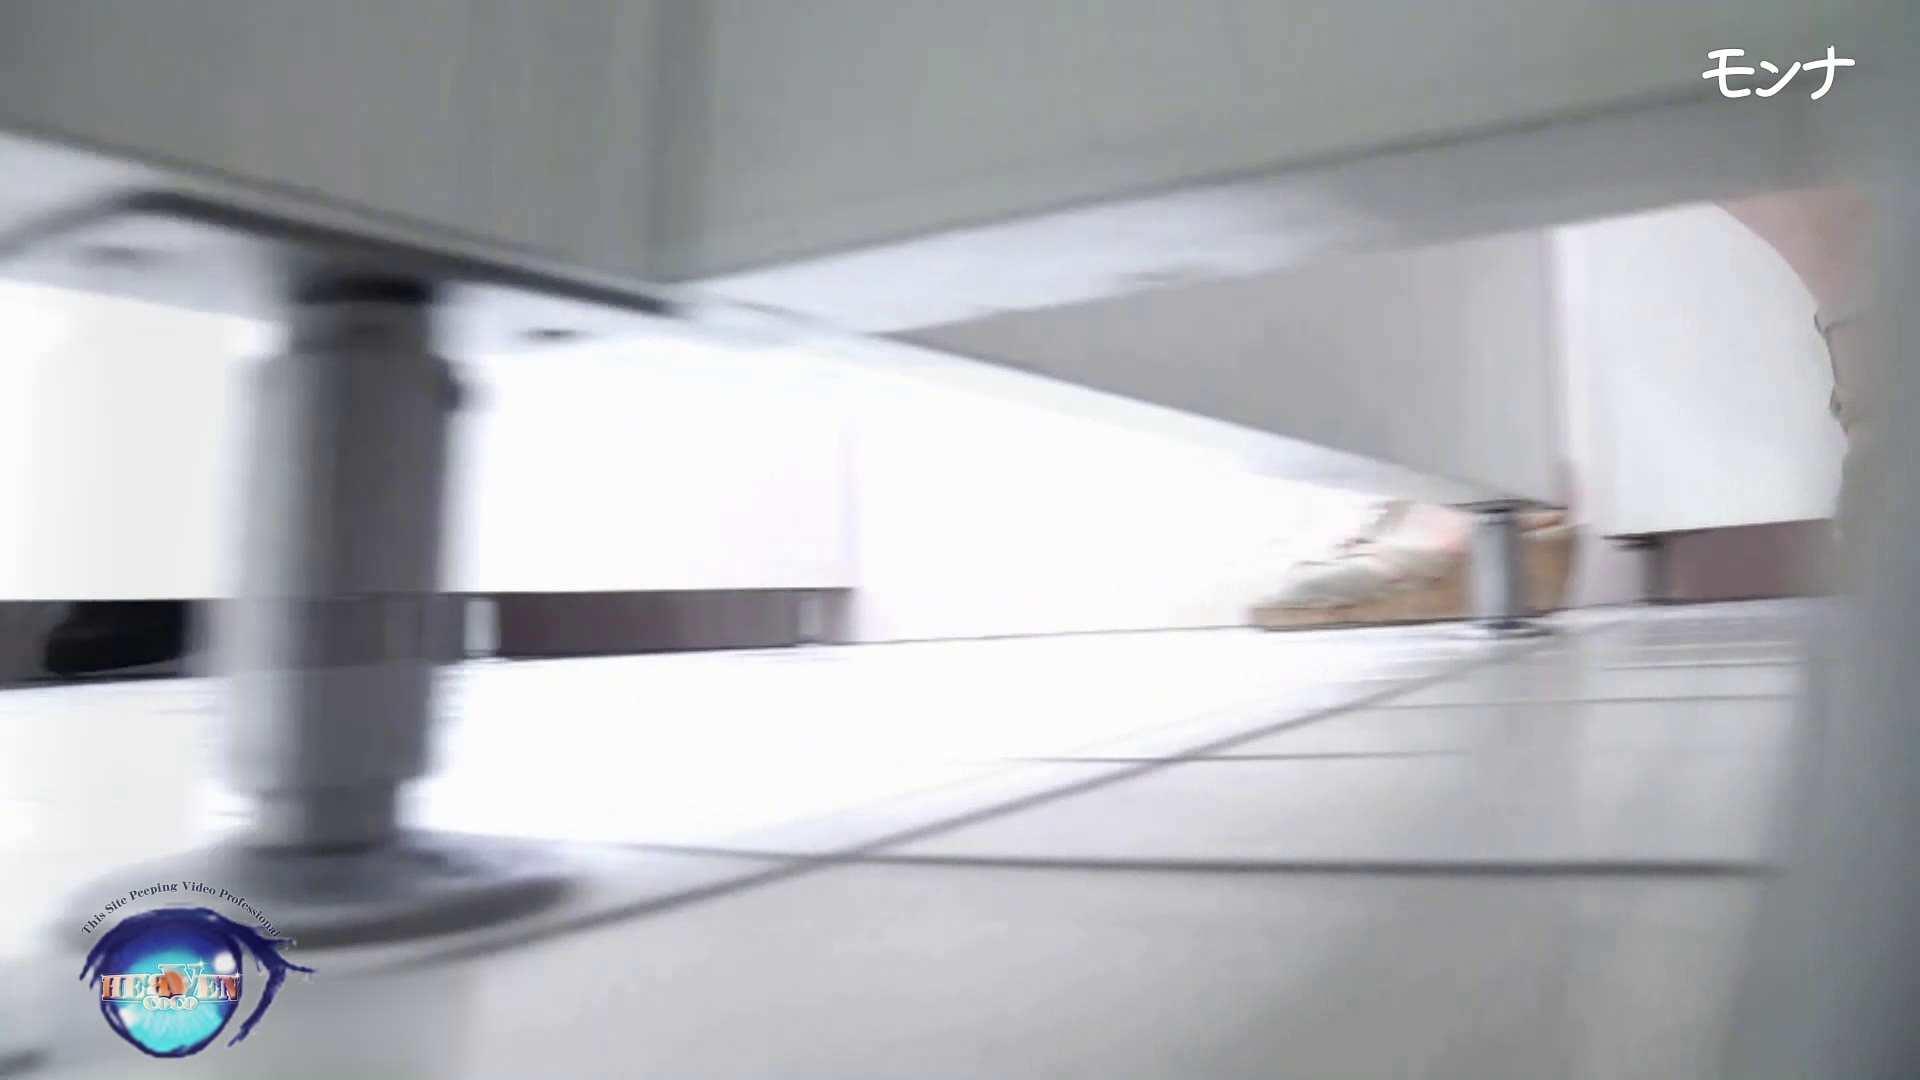 【美しい日本の未来】美しい日本の未来 No.78 盗撮シリーズ | おまんこ見放題  86PIX 53